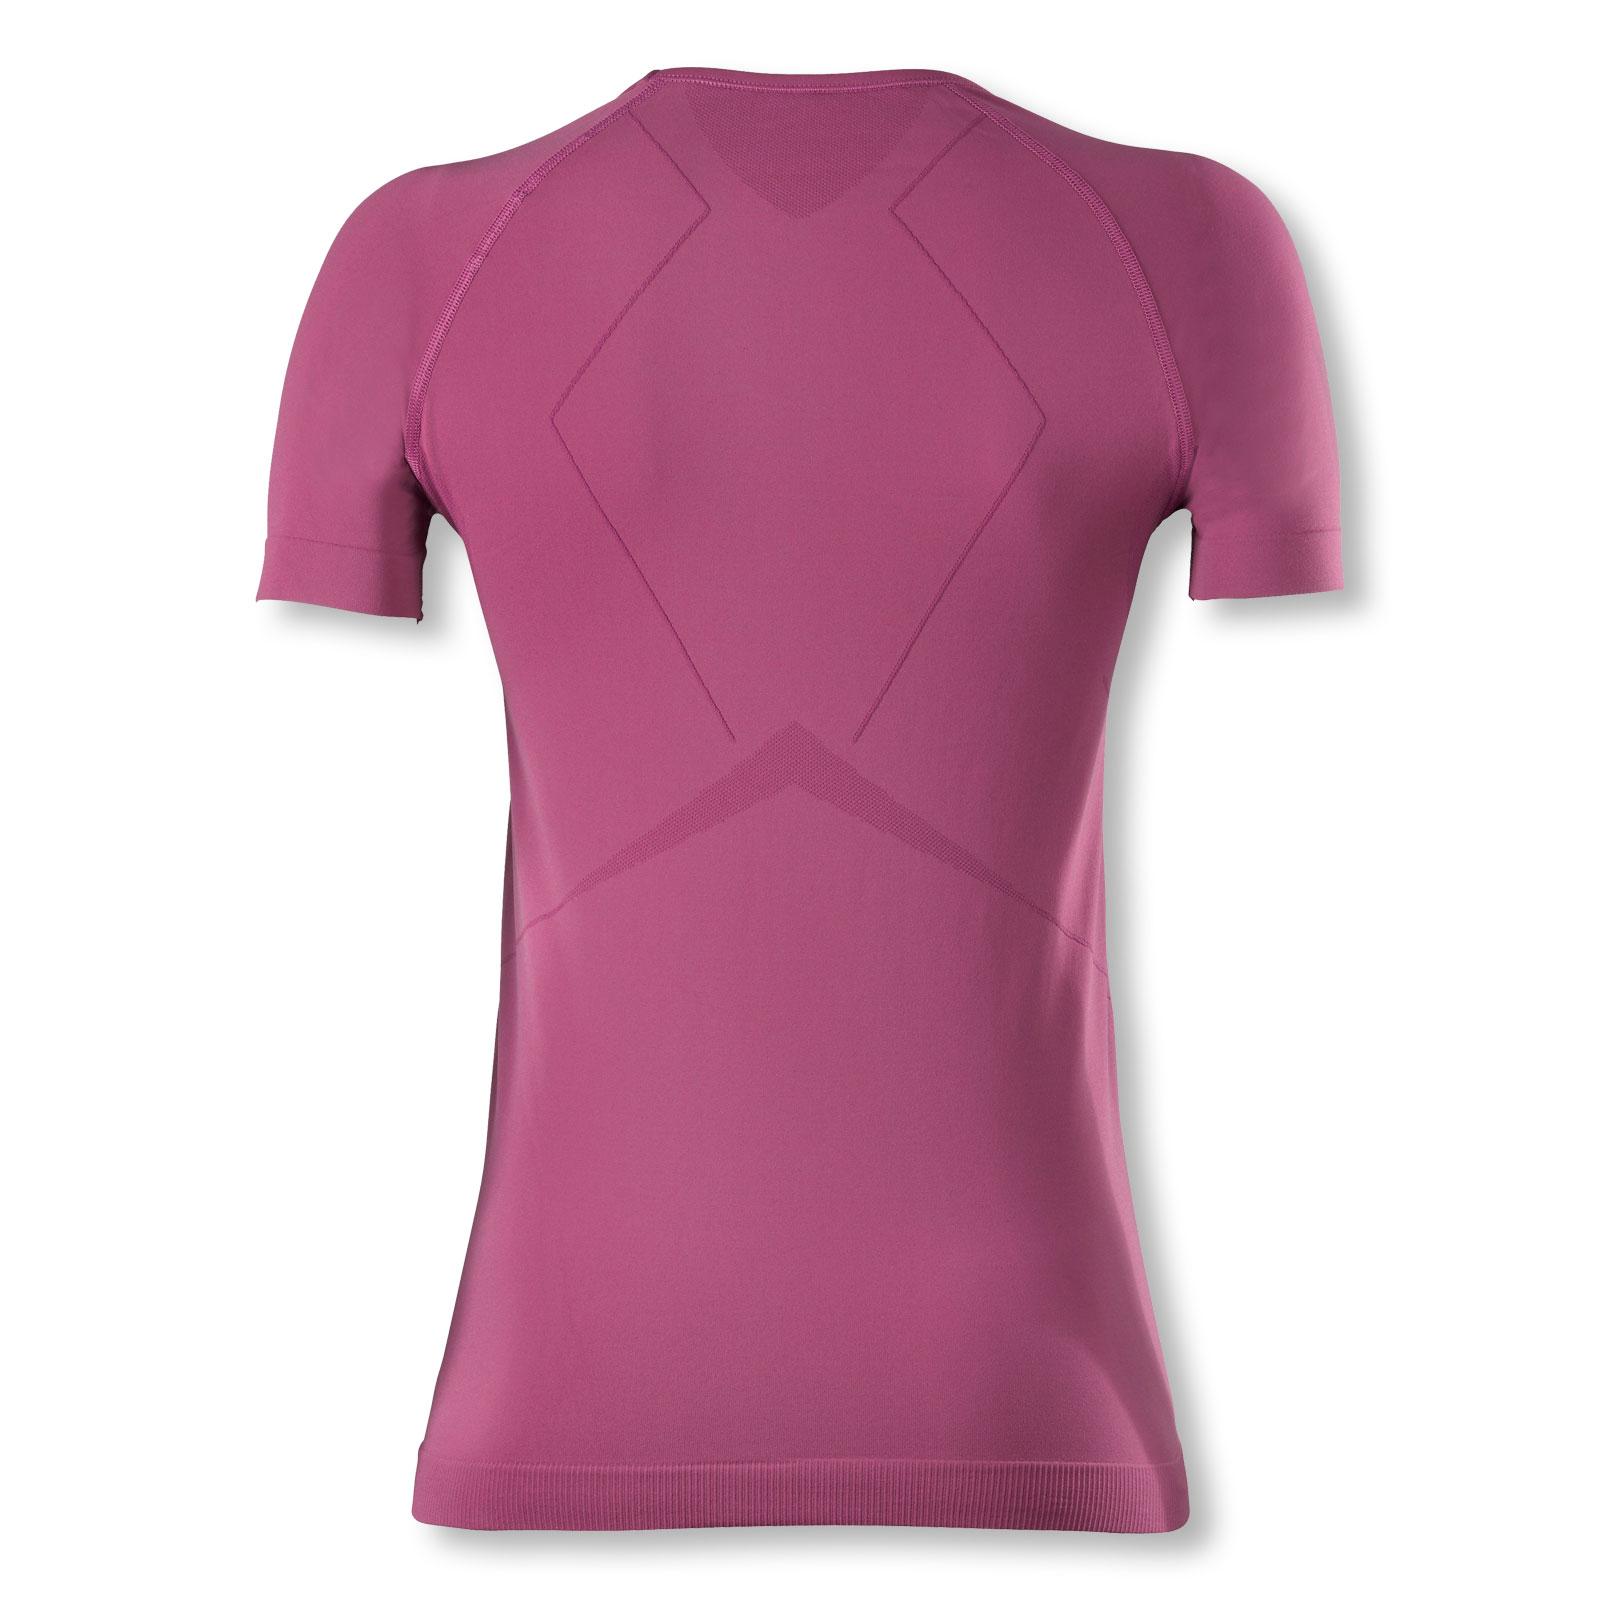 Falke Damen Funktionsshirt kurzarm Unterhemden T-Shirt Tight Fit Warm